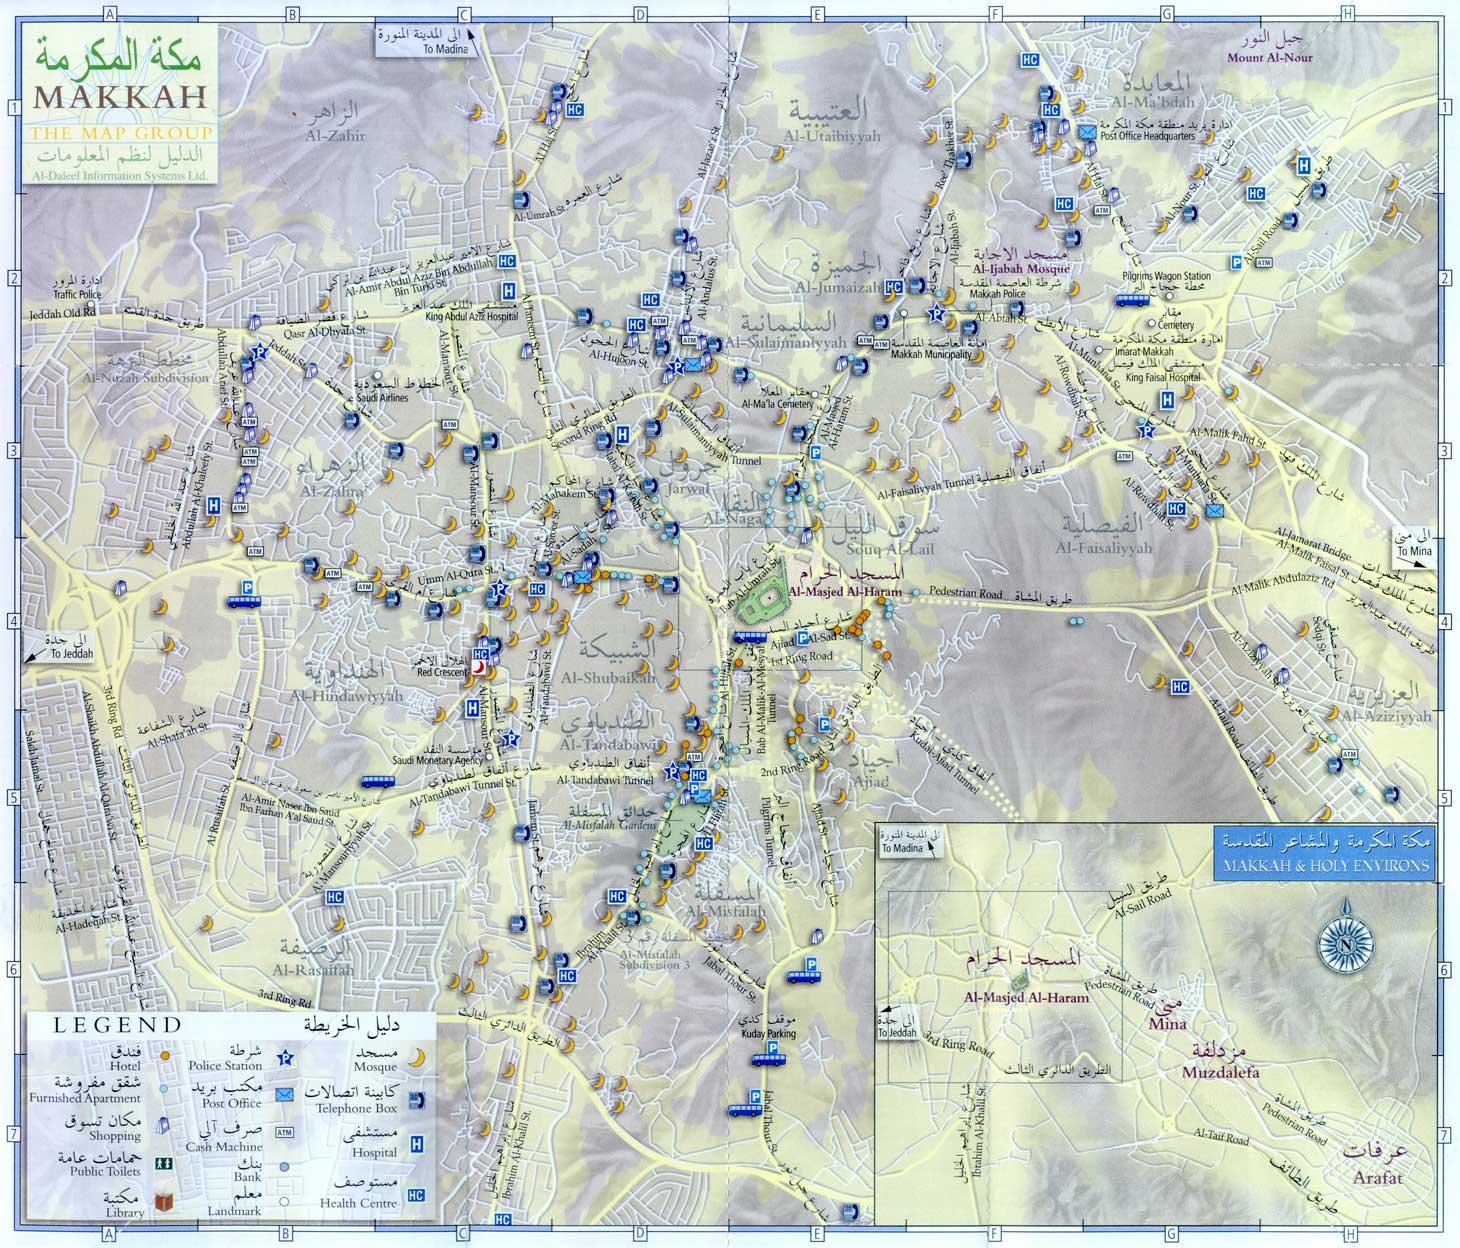 Makkah & Madina: Makkah al-Mukarramah Street Map